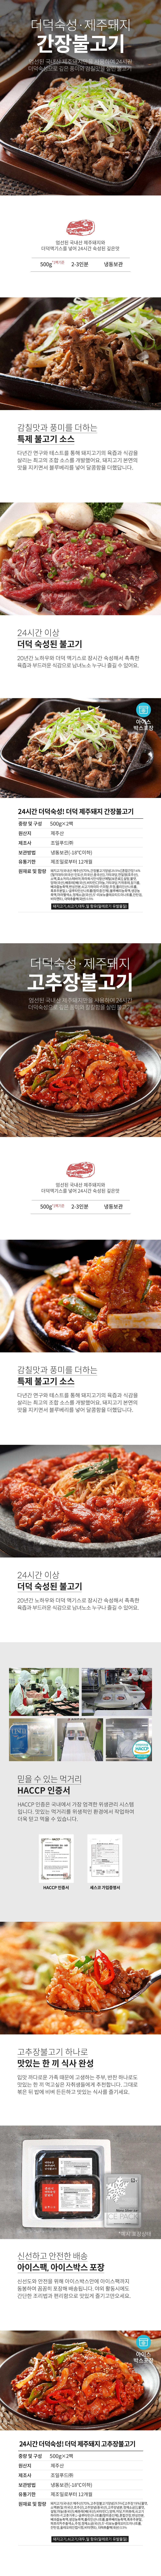 oulssumfood_kanjangbulgogi600g_gochujang600g.jpg